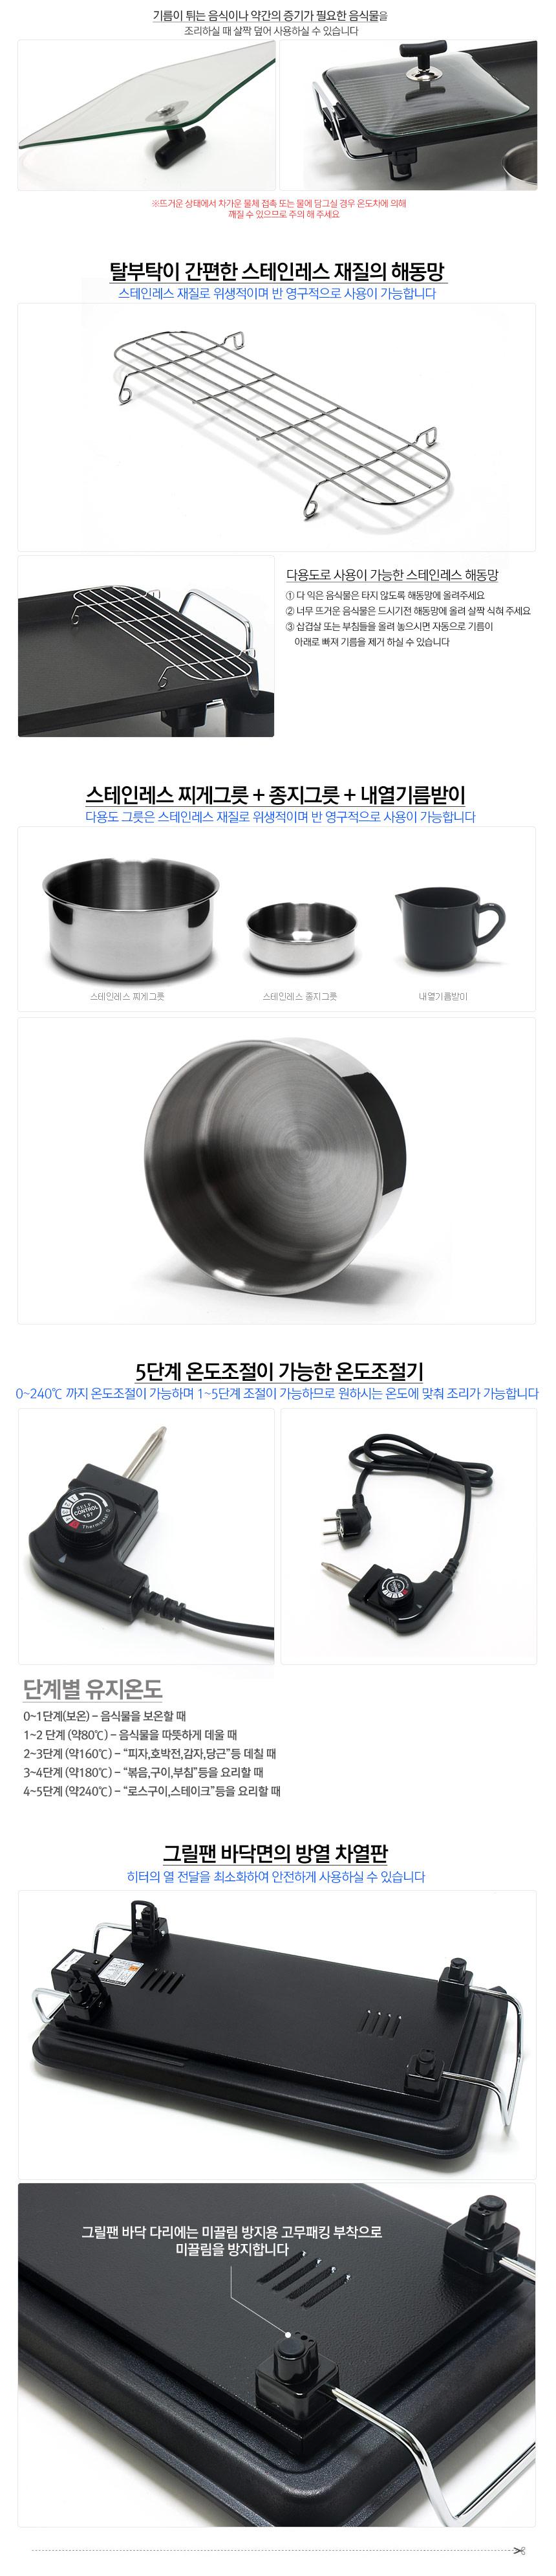 (가이타이너) 와이드그릴팬 풀세트 전기그릴 휴대용 그릴팬 전기그릴 전기레인지 버너 휴대용